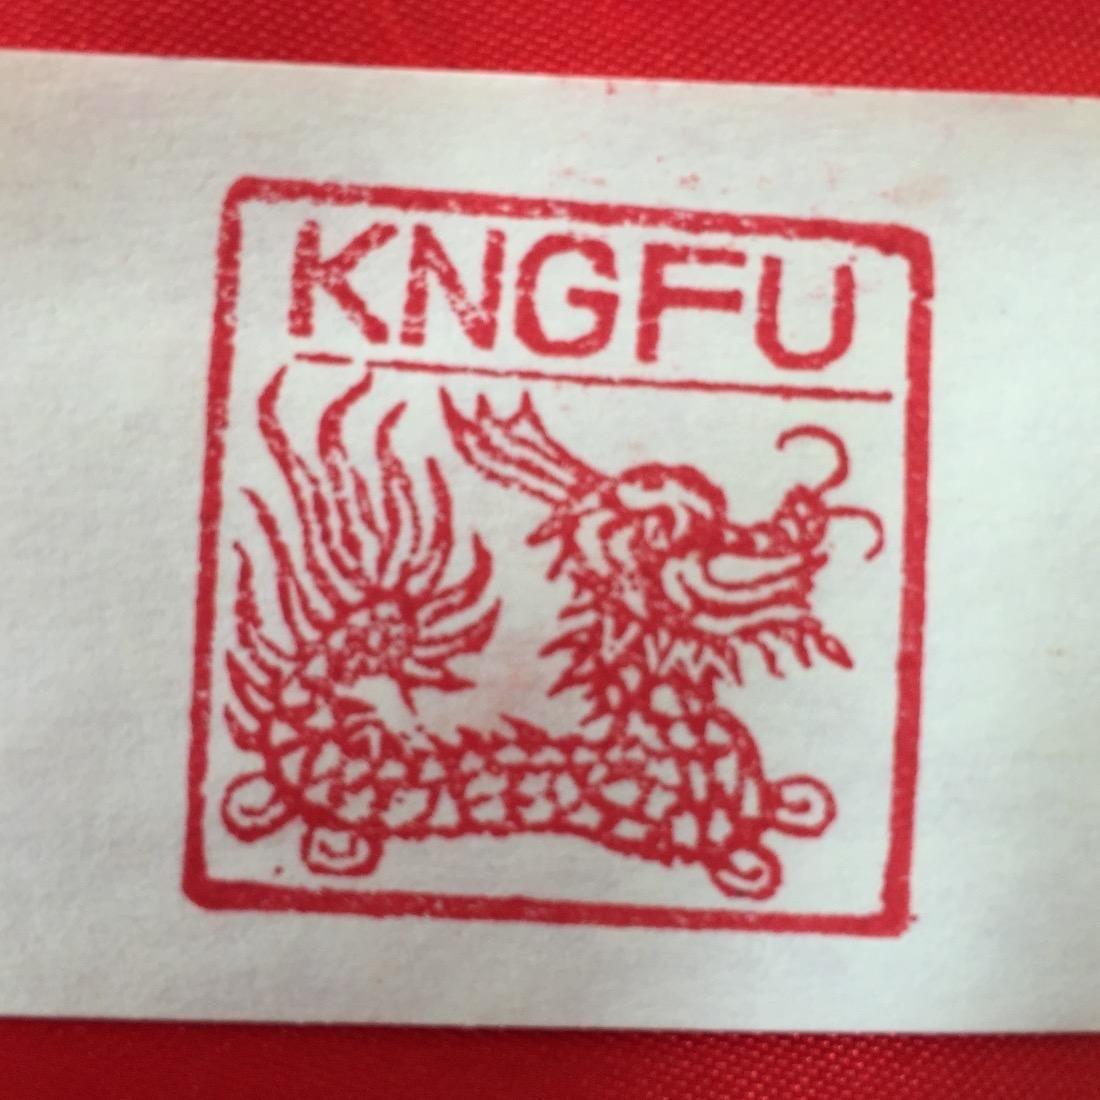 Kngfu